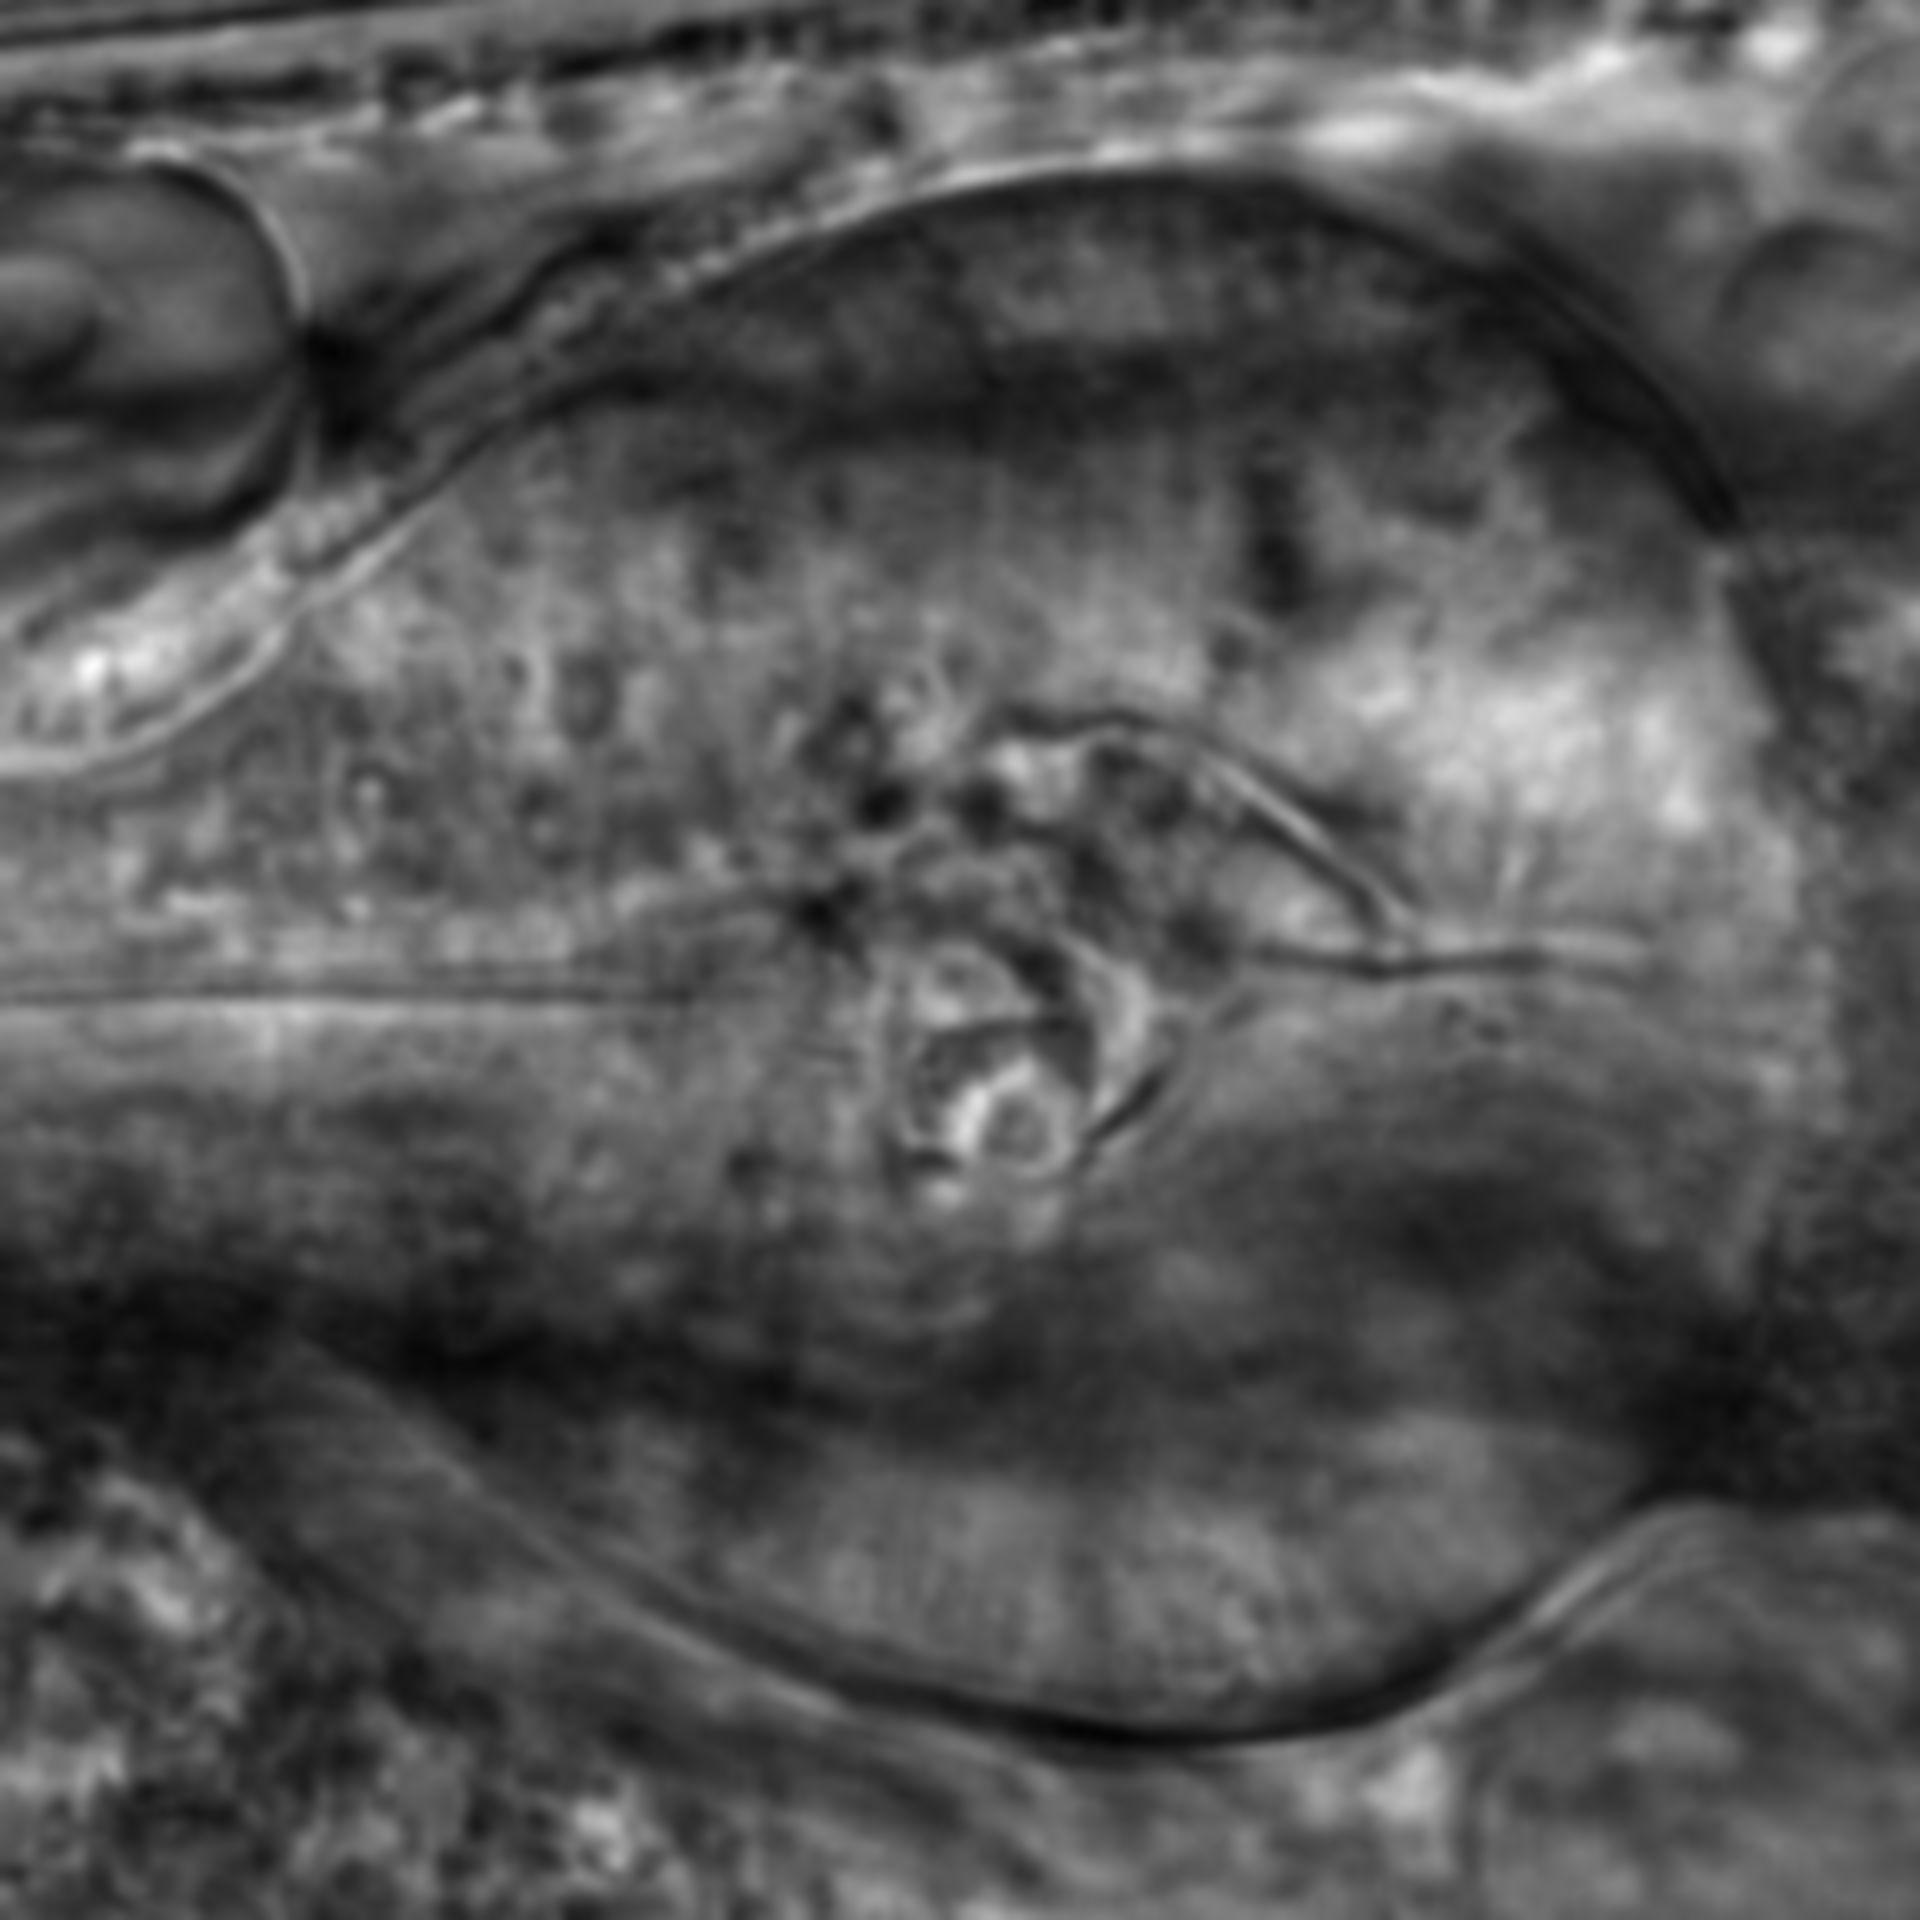 Caenorhabditis elegans - CIL:2824